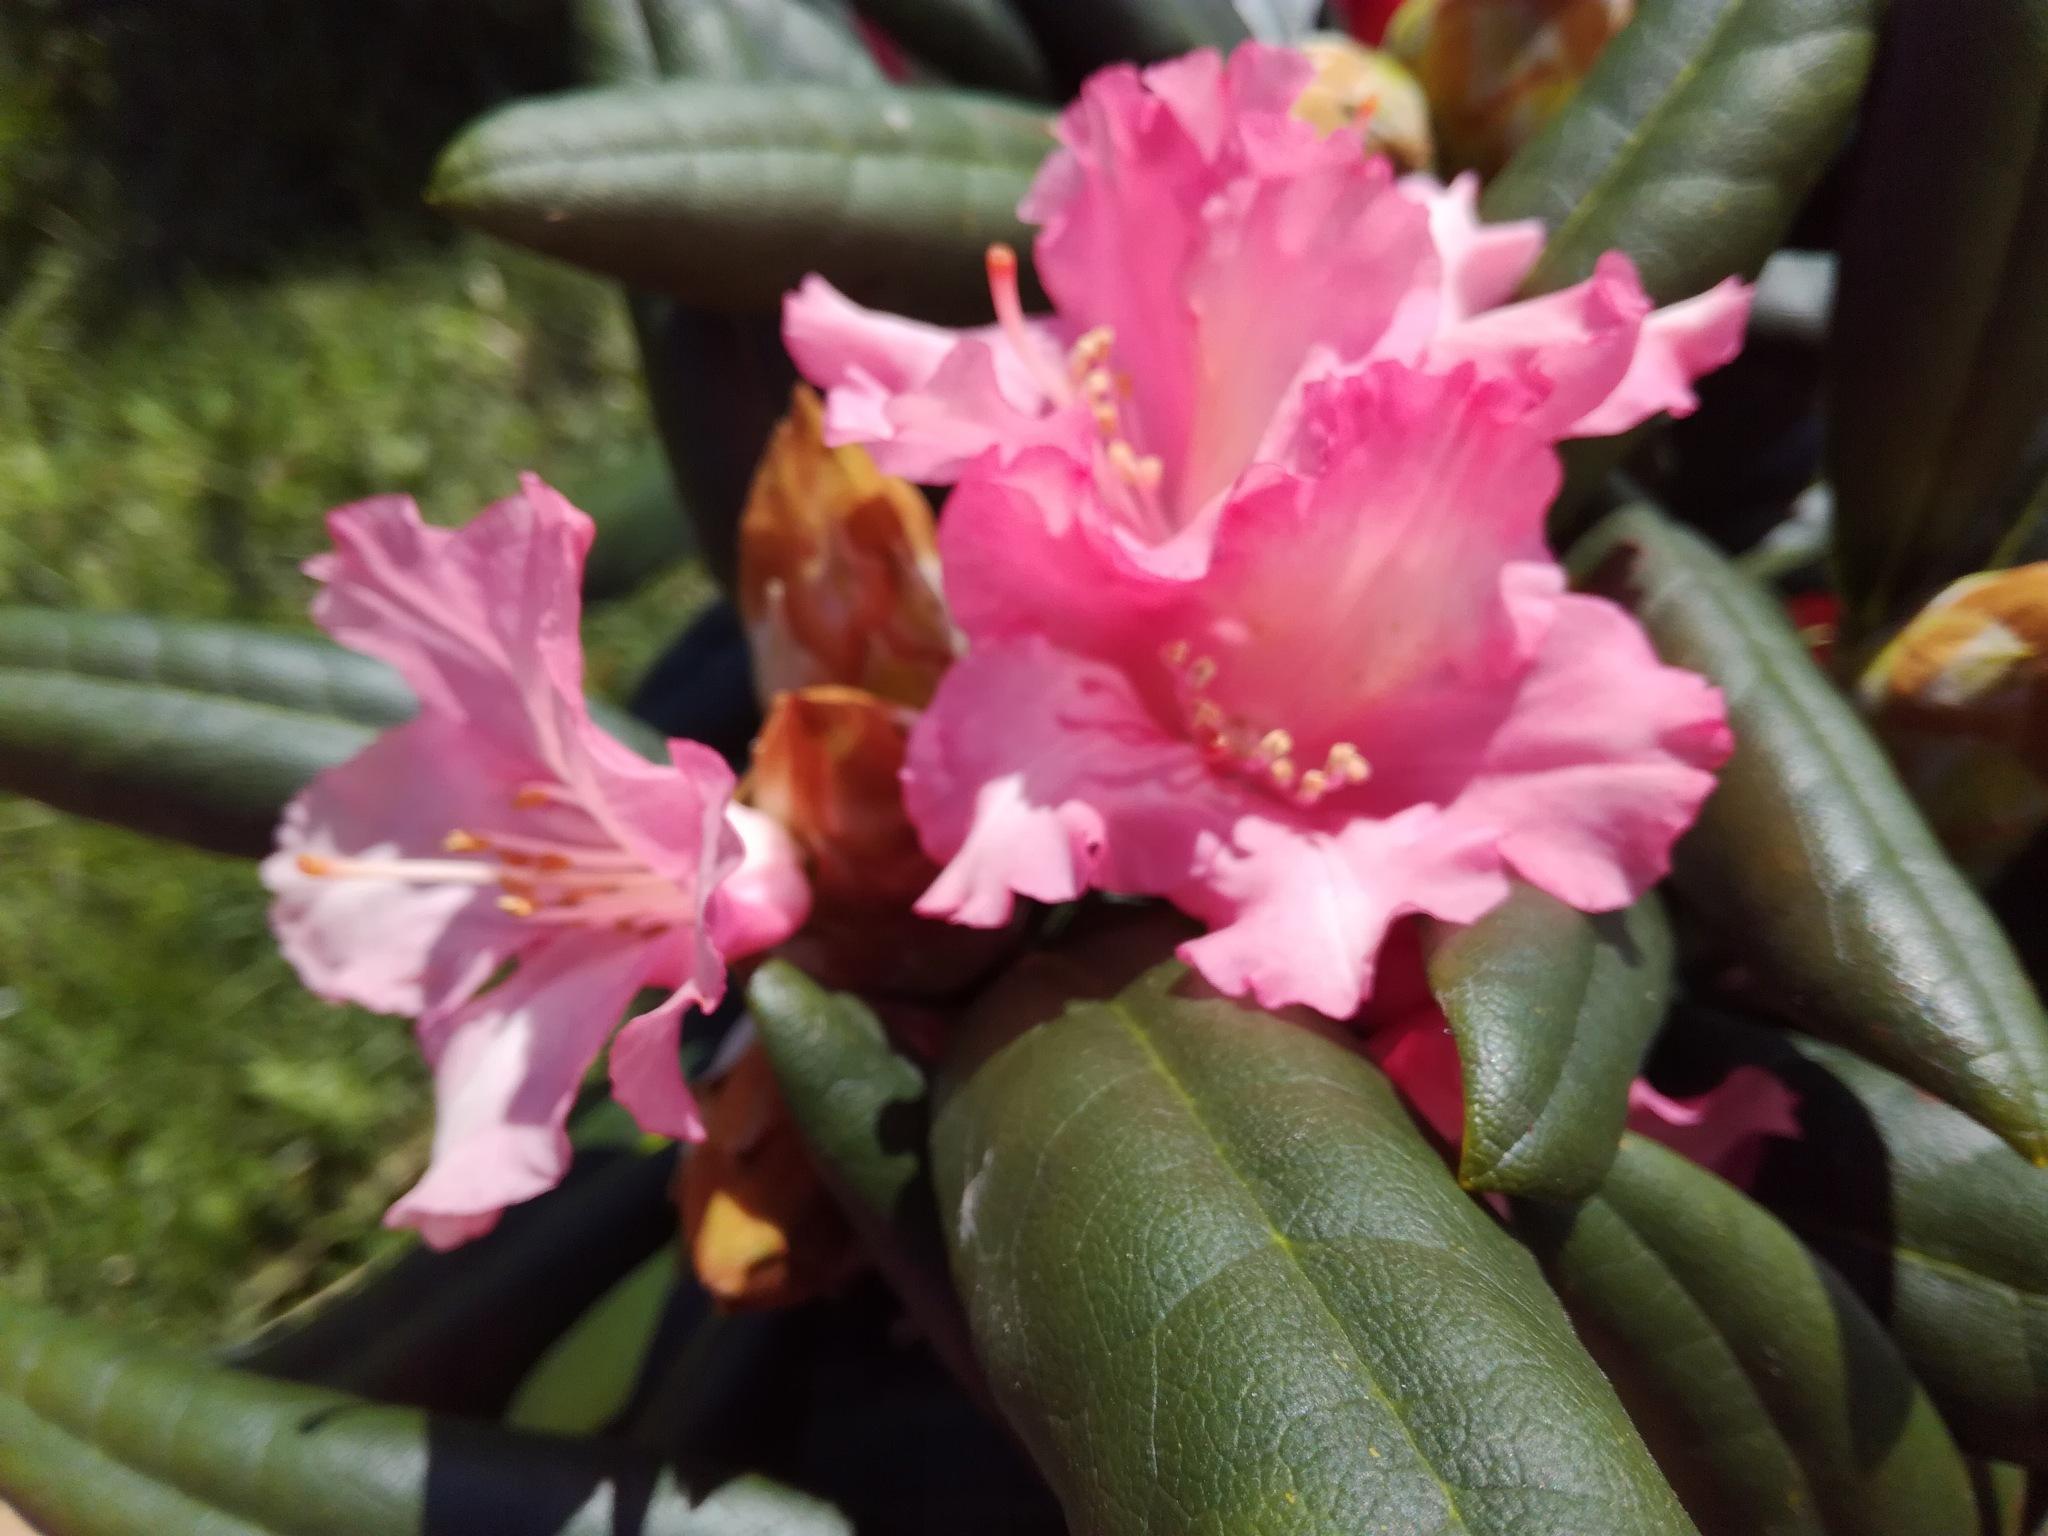 Rhododendron by uzkuraitiene62